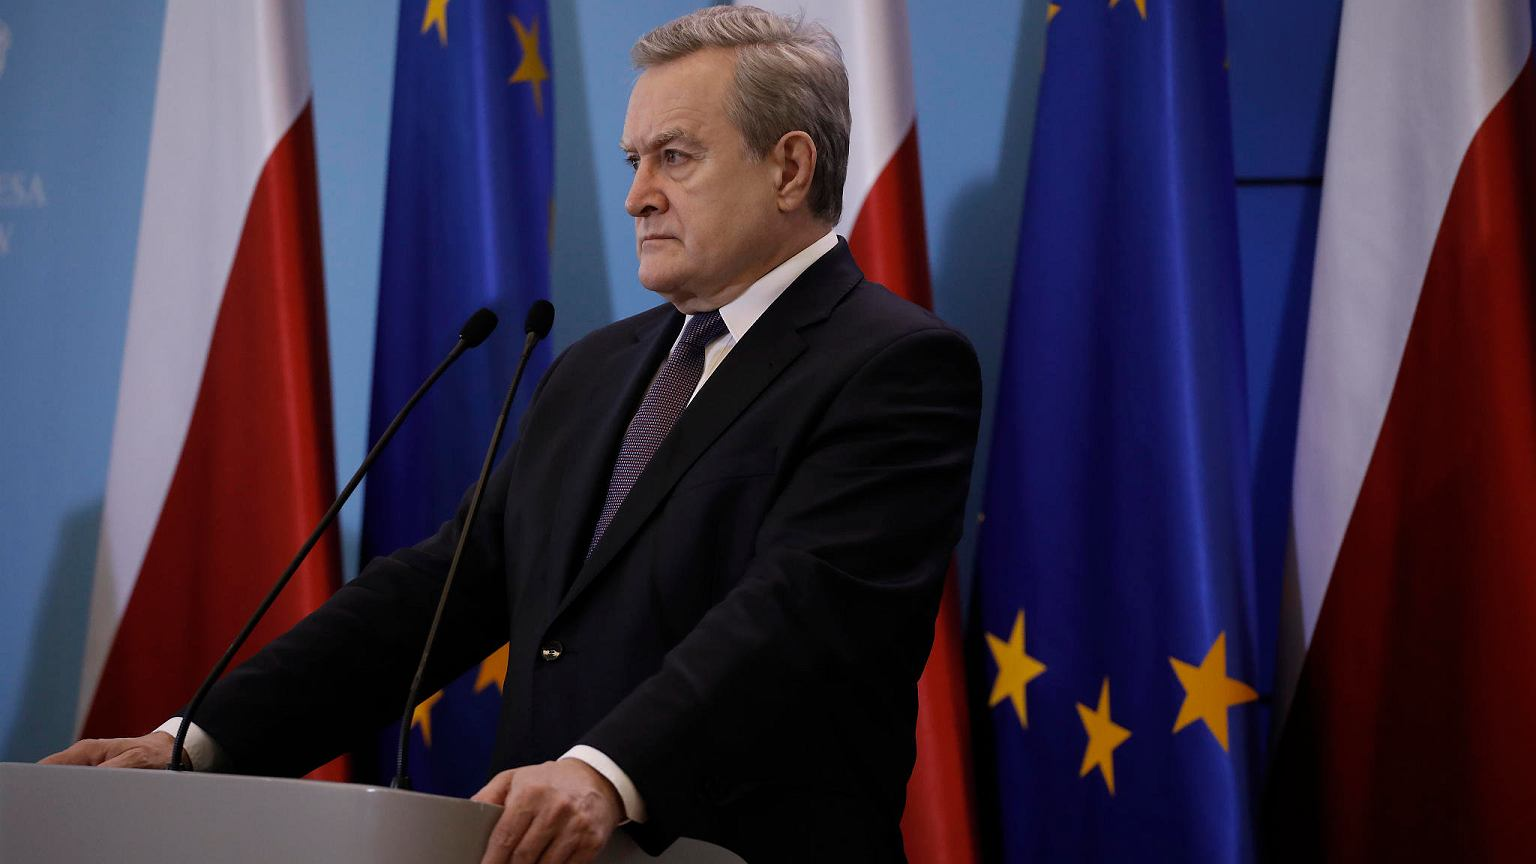 wiadomosci.gazeta.pl